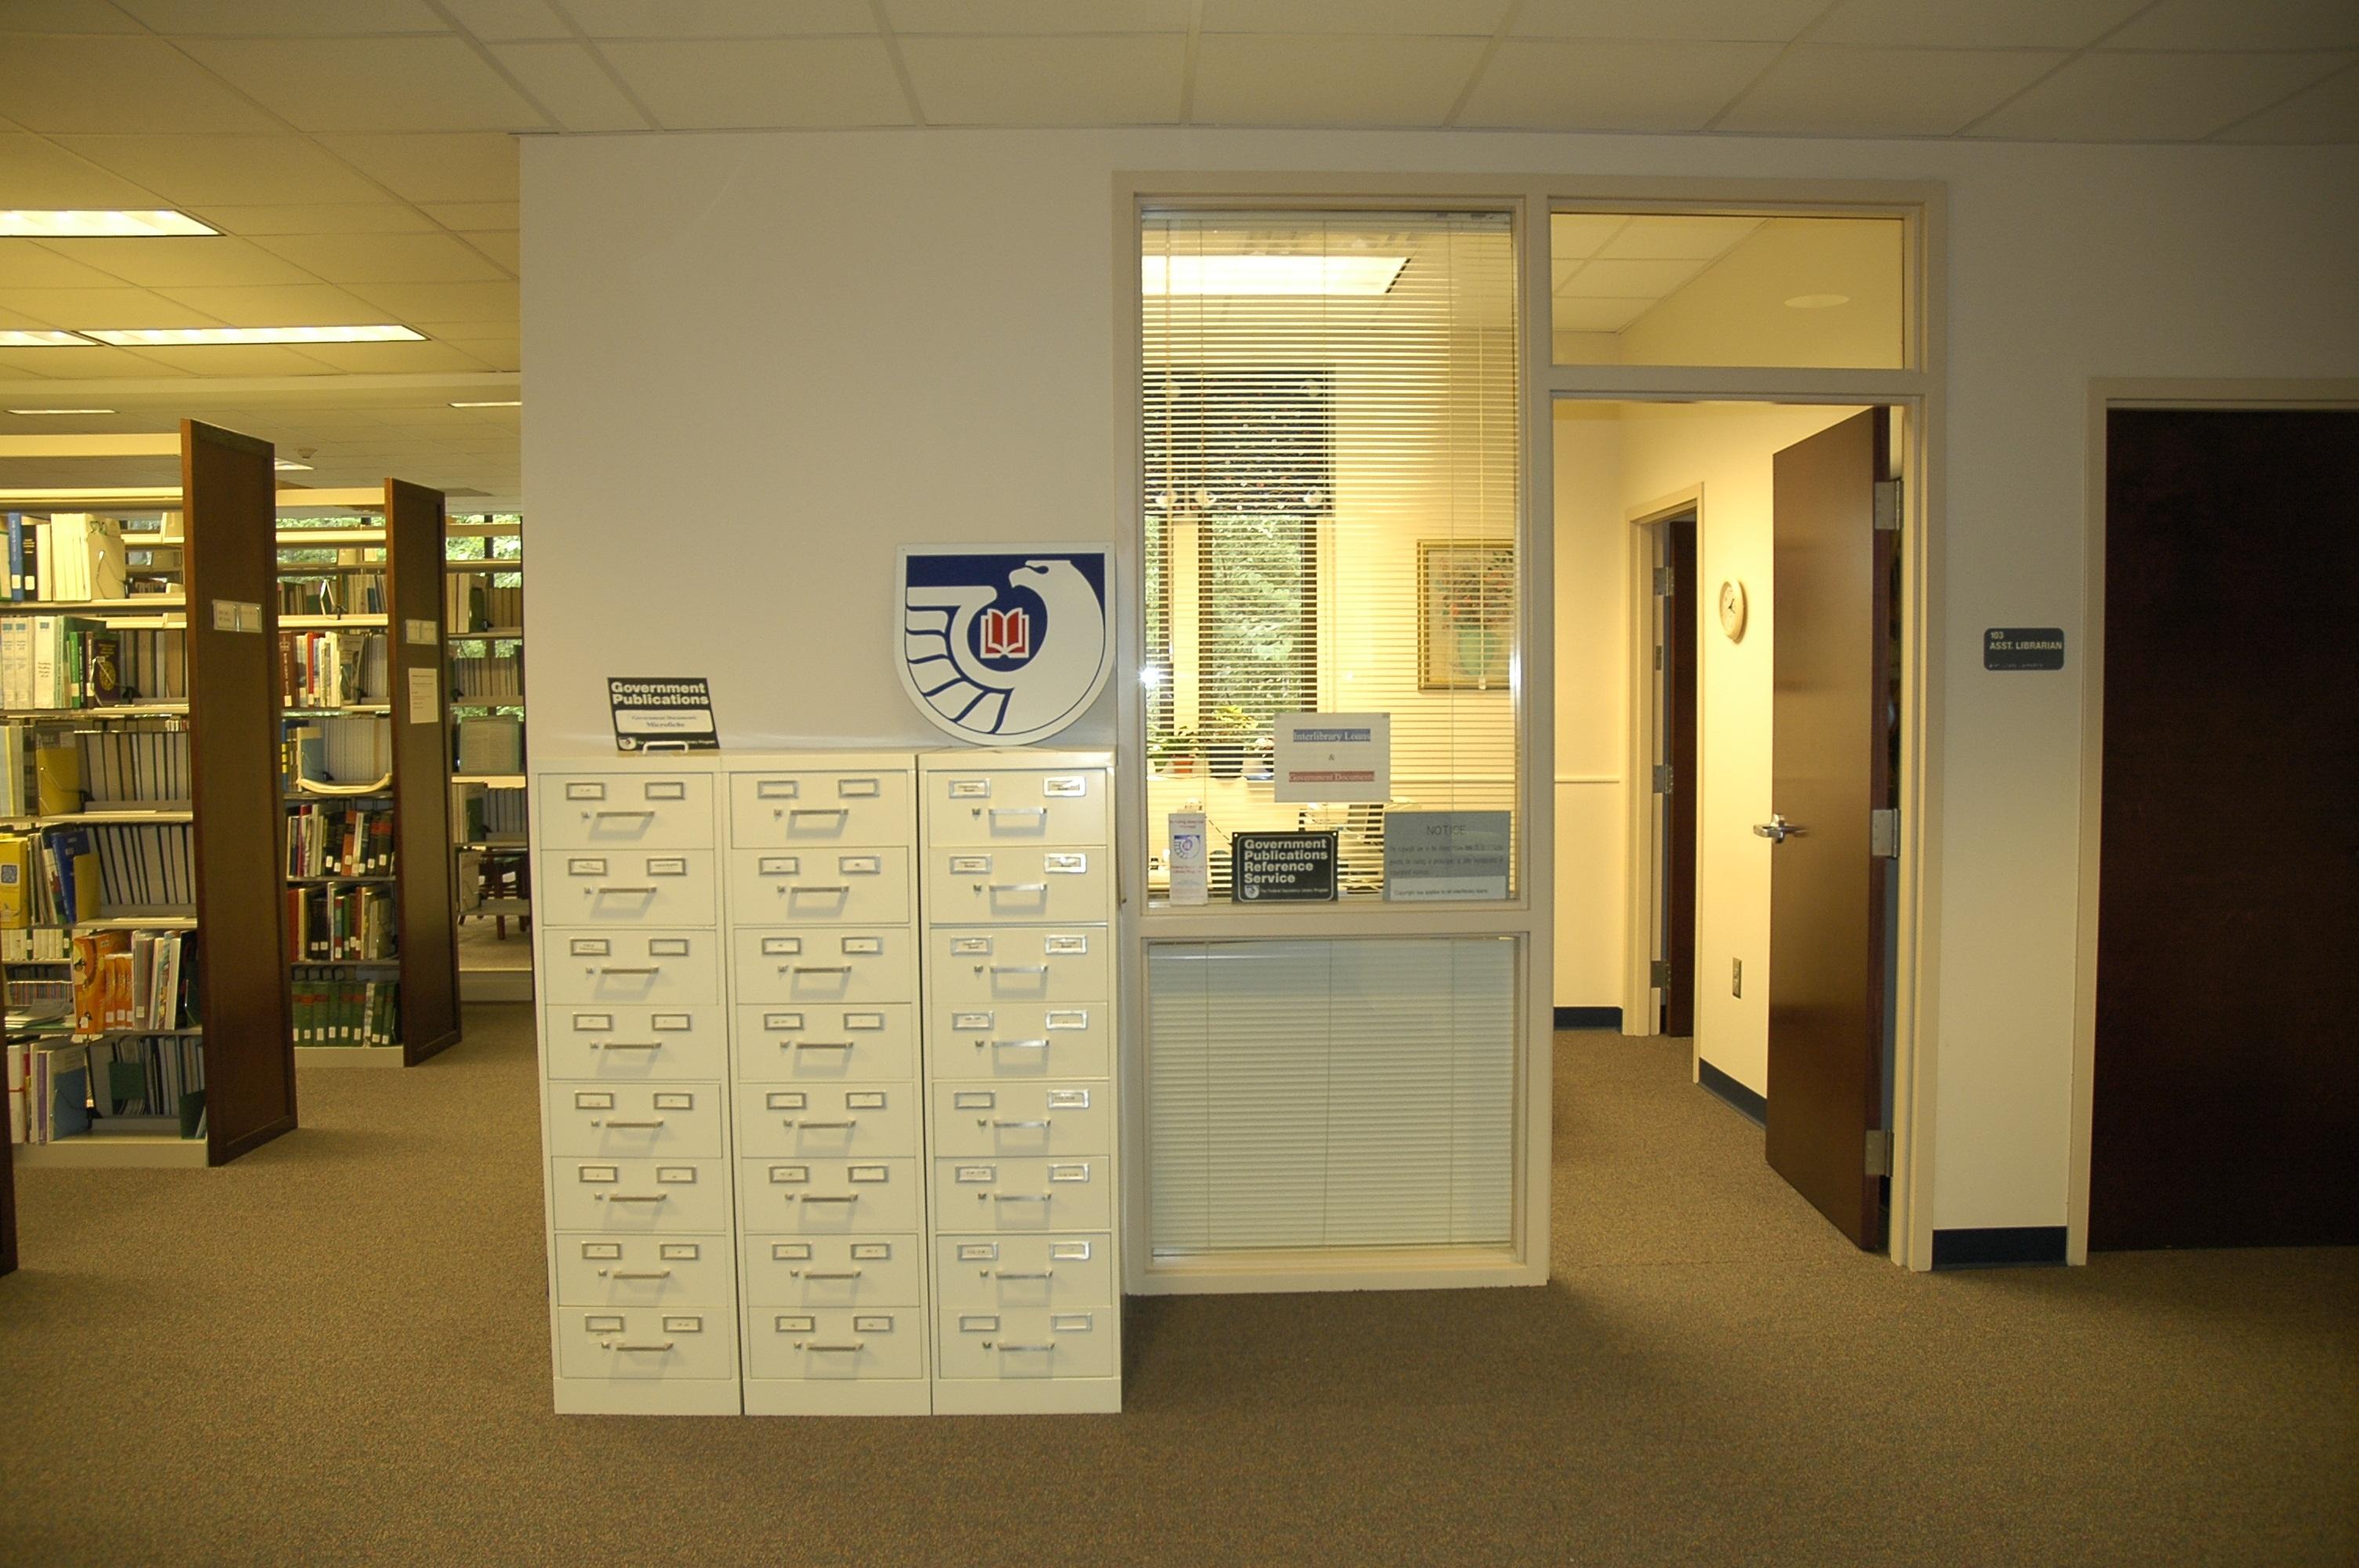 Interlibrary Loan office